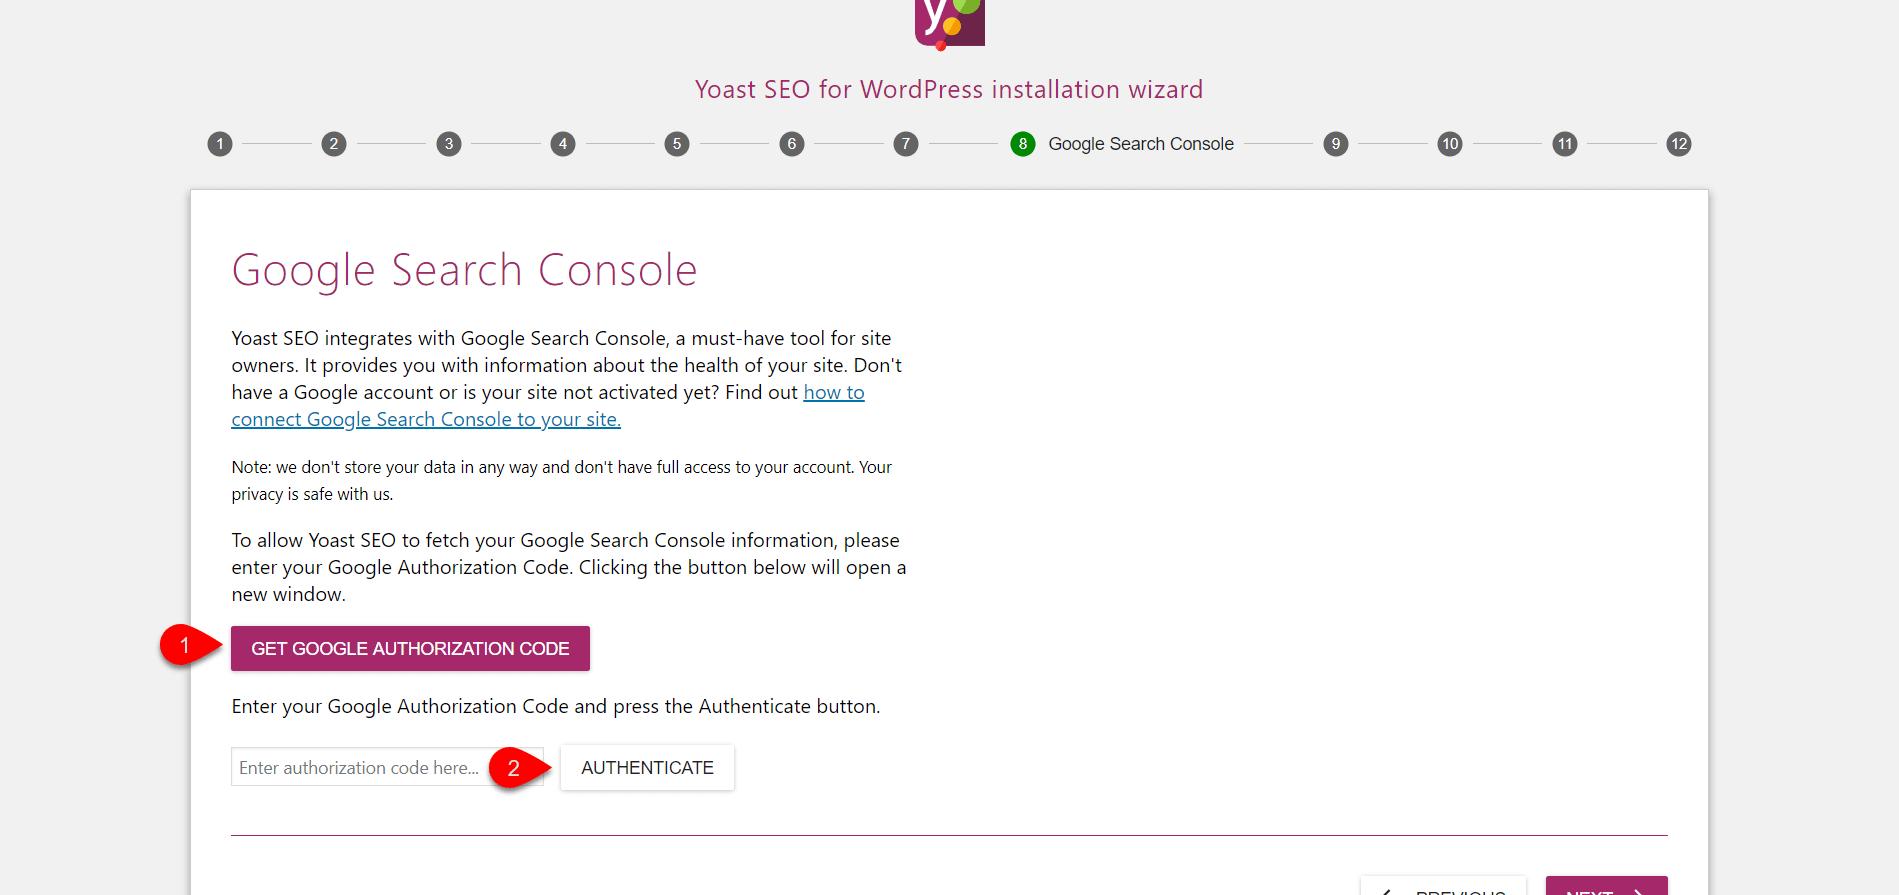 Configure Yoast SEO 9